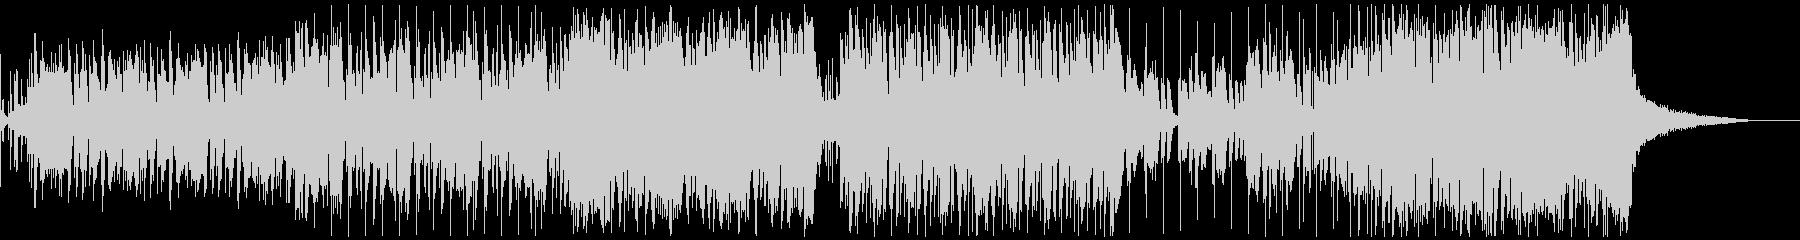 EDM・トロピカルハウス アコギ収録の未再生の波形